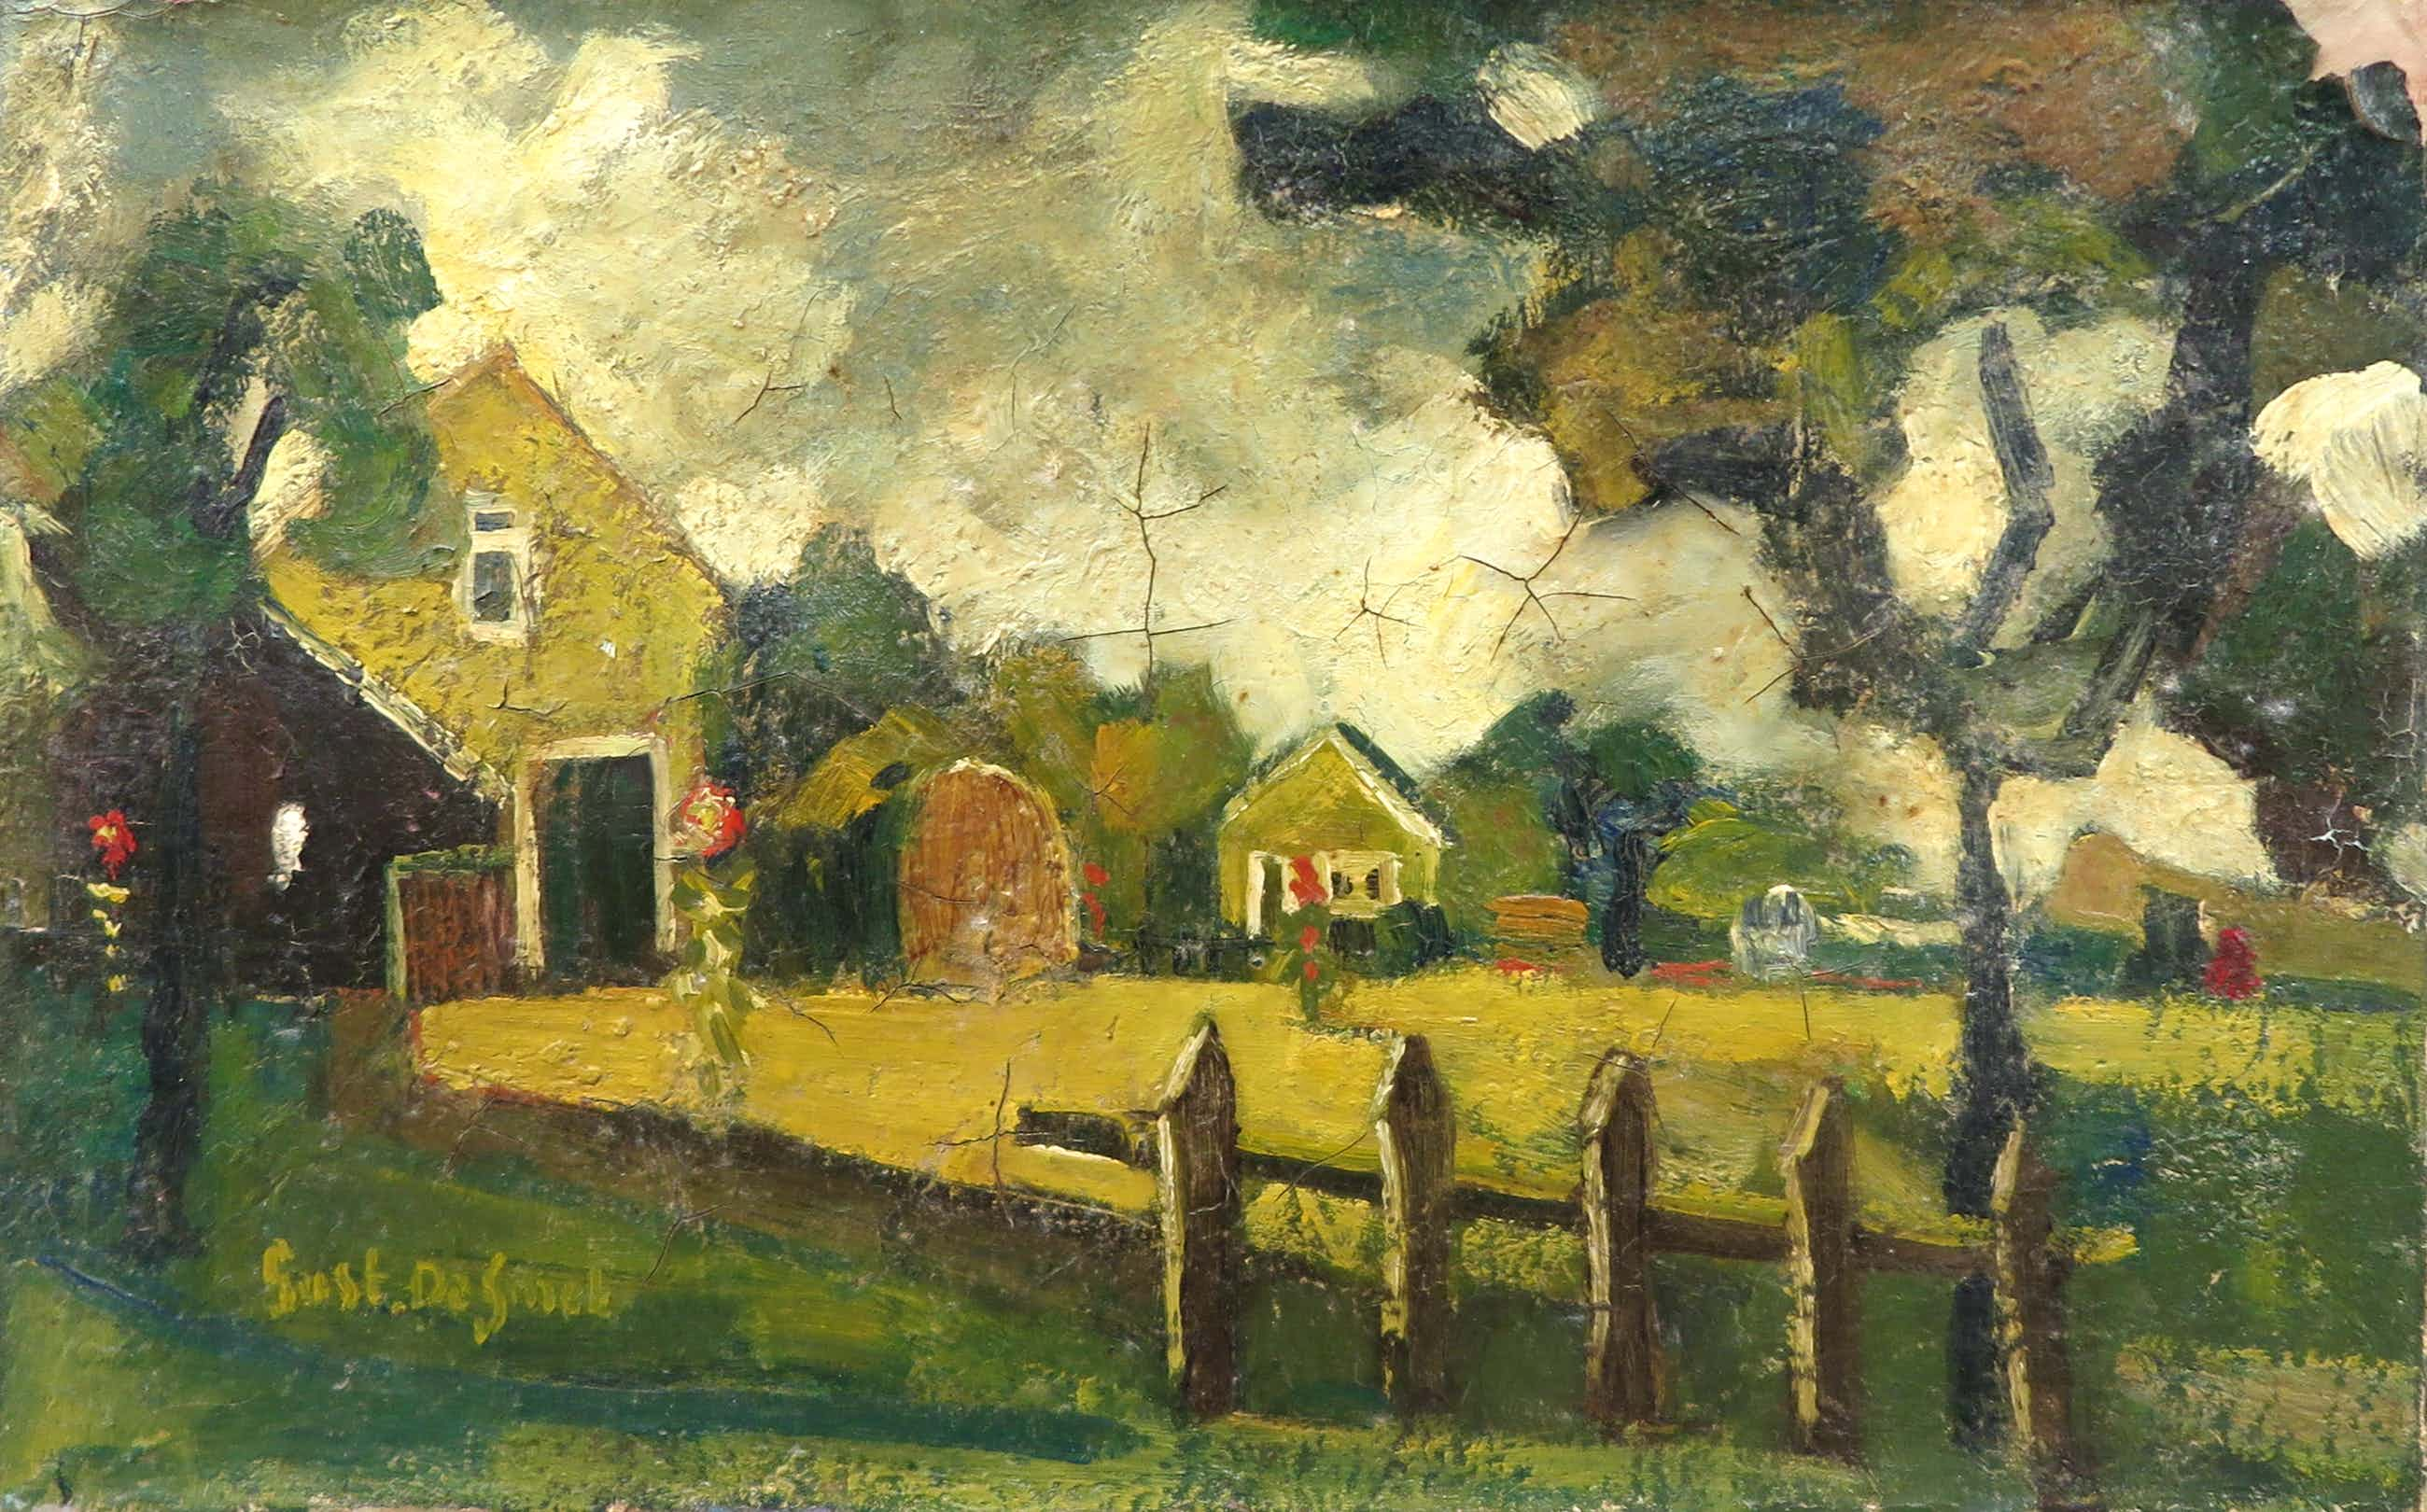 Gustave De Smet - Olieverf op doek, Landschap met boerderijen kopen? Bied vanaf 1800!